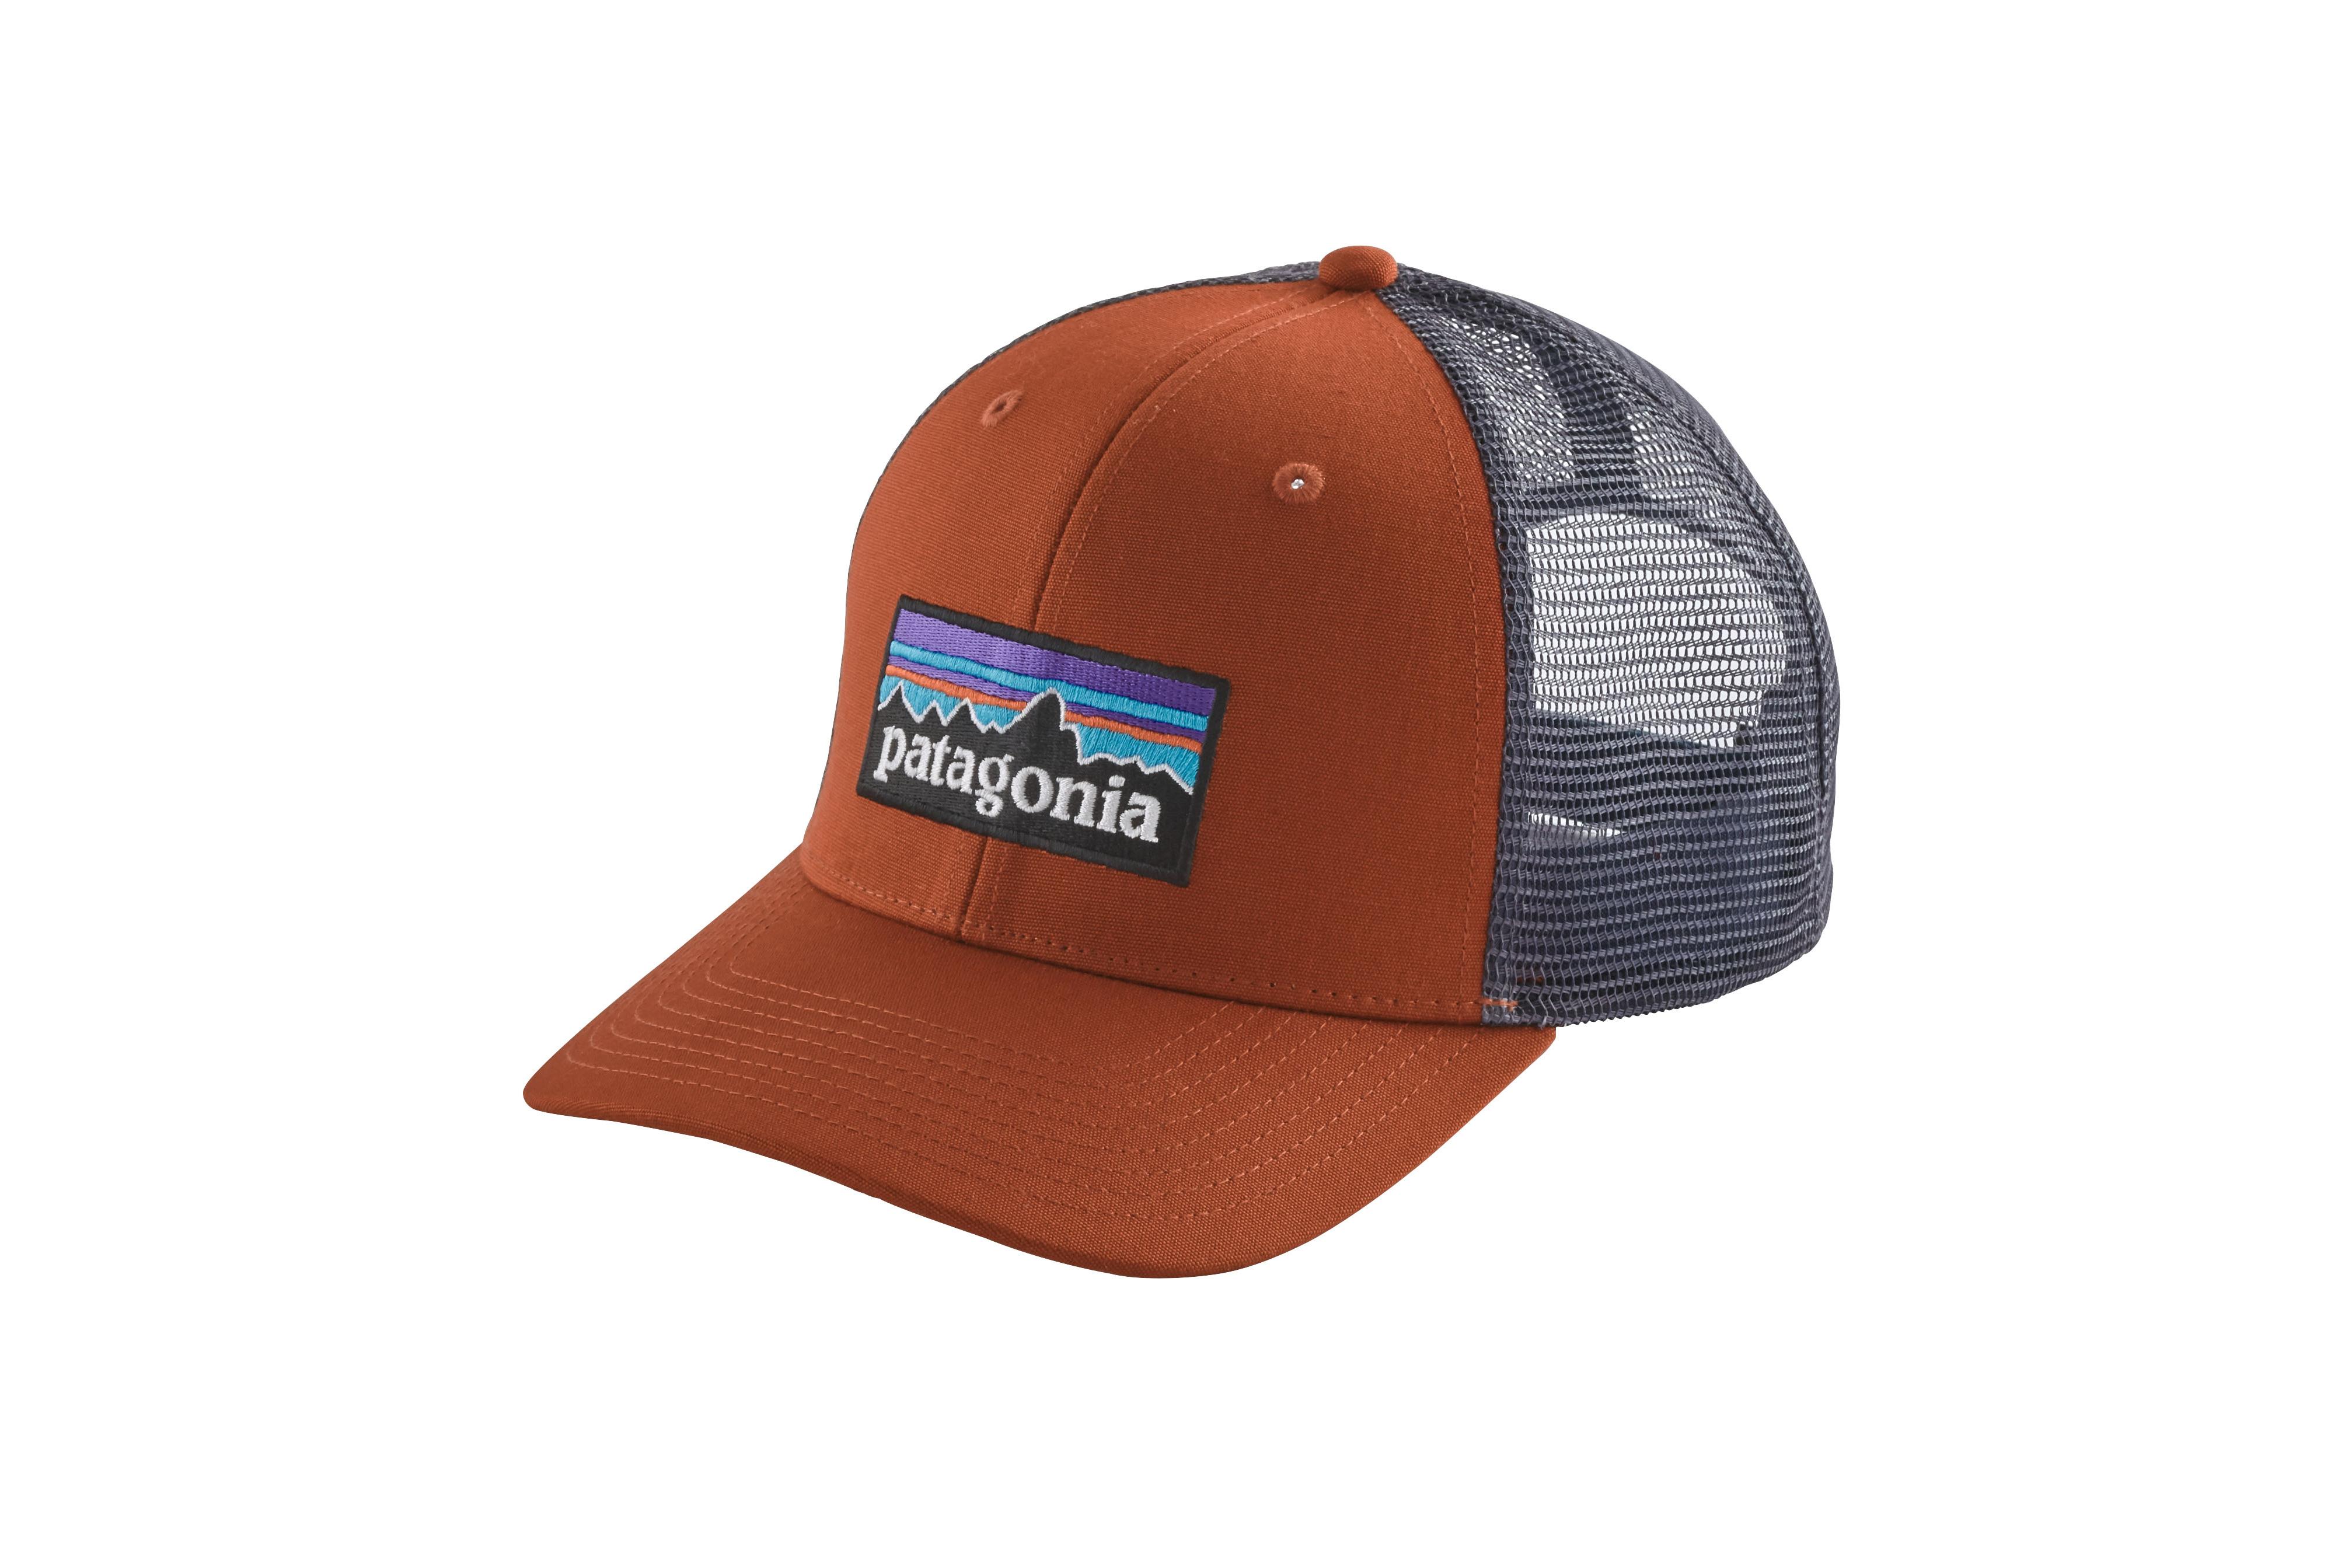 2297b5d589e94 ... P-6 Trucker Hat. WBS18 38017 DCOI BACK 3x2 WBS18 38017 CPOR 3x2  WBS16 38017 FGE 3x2